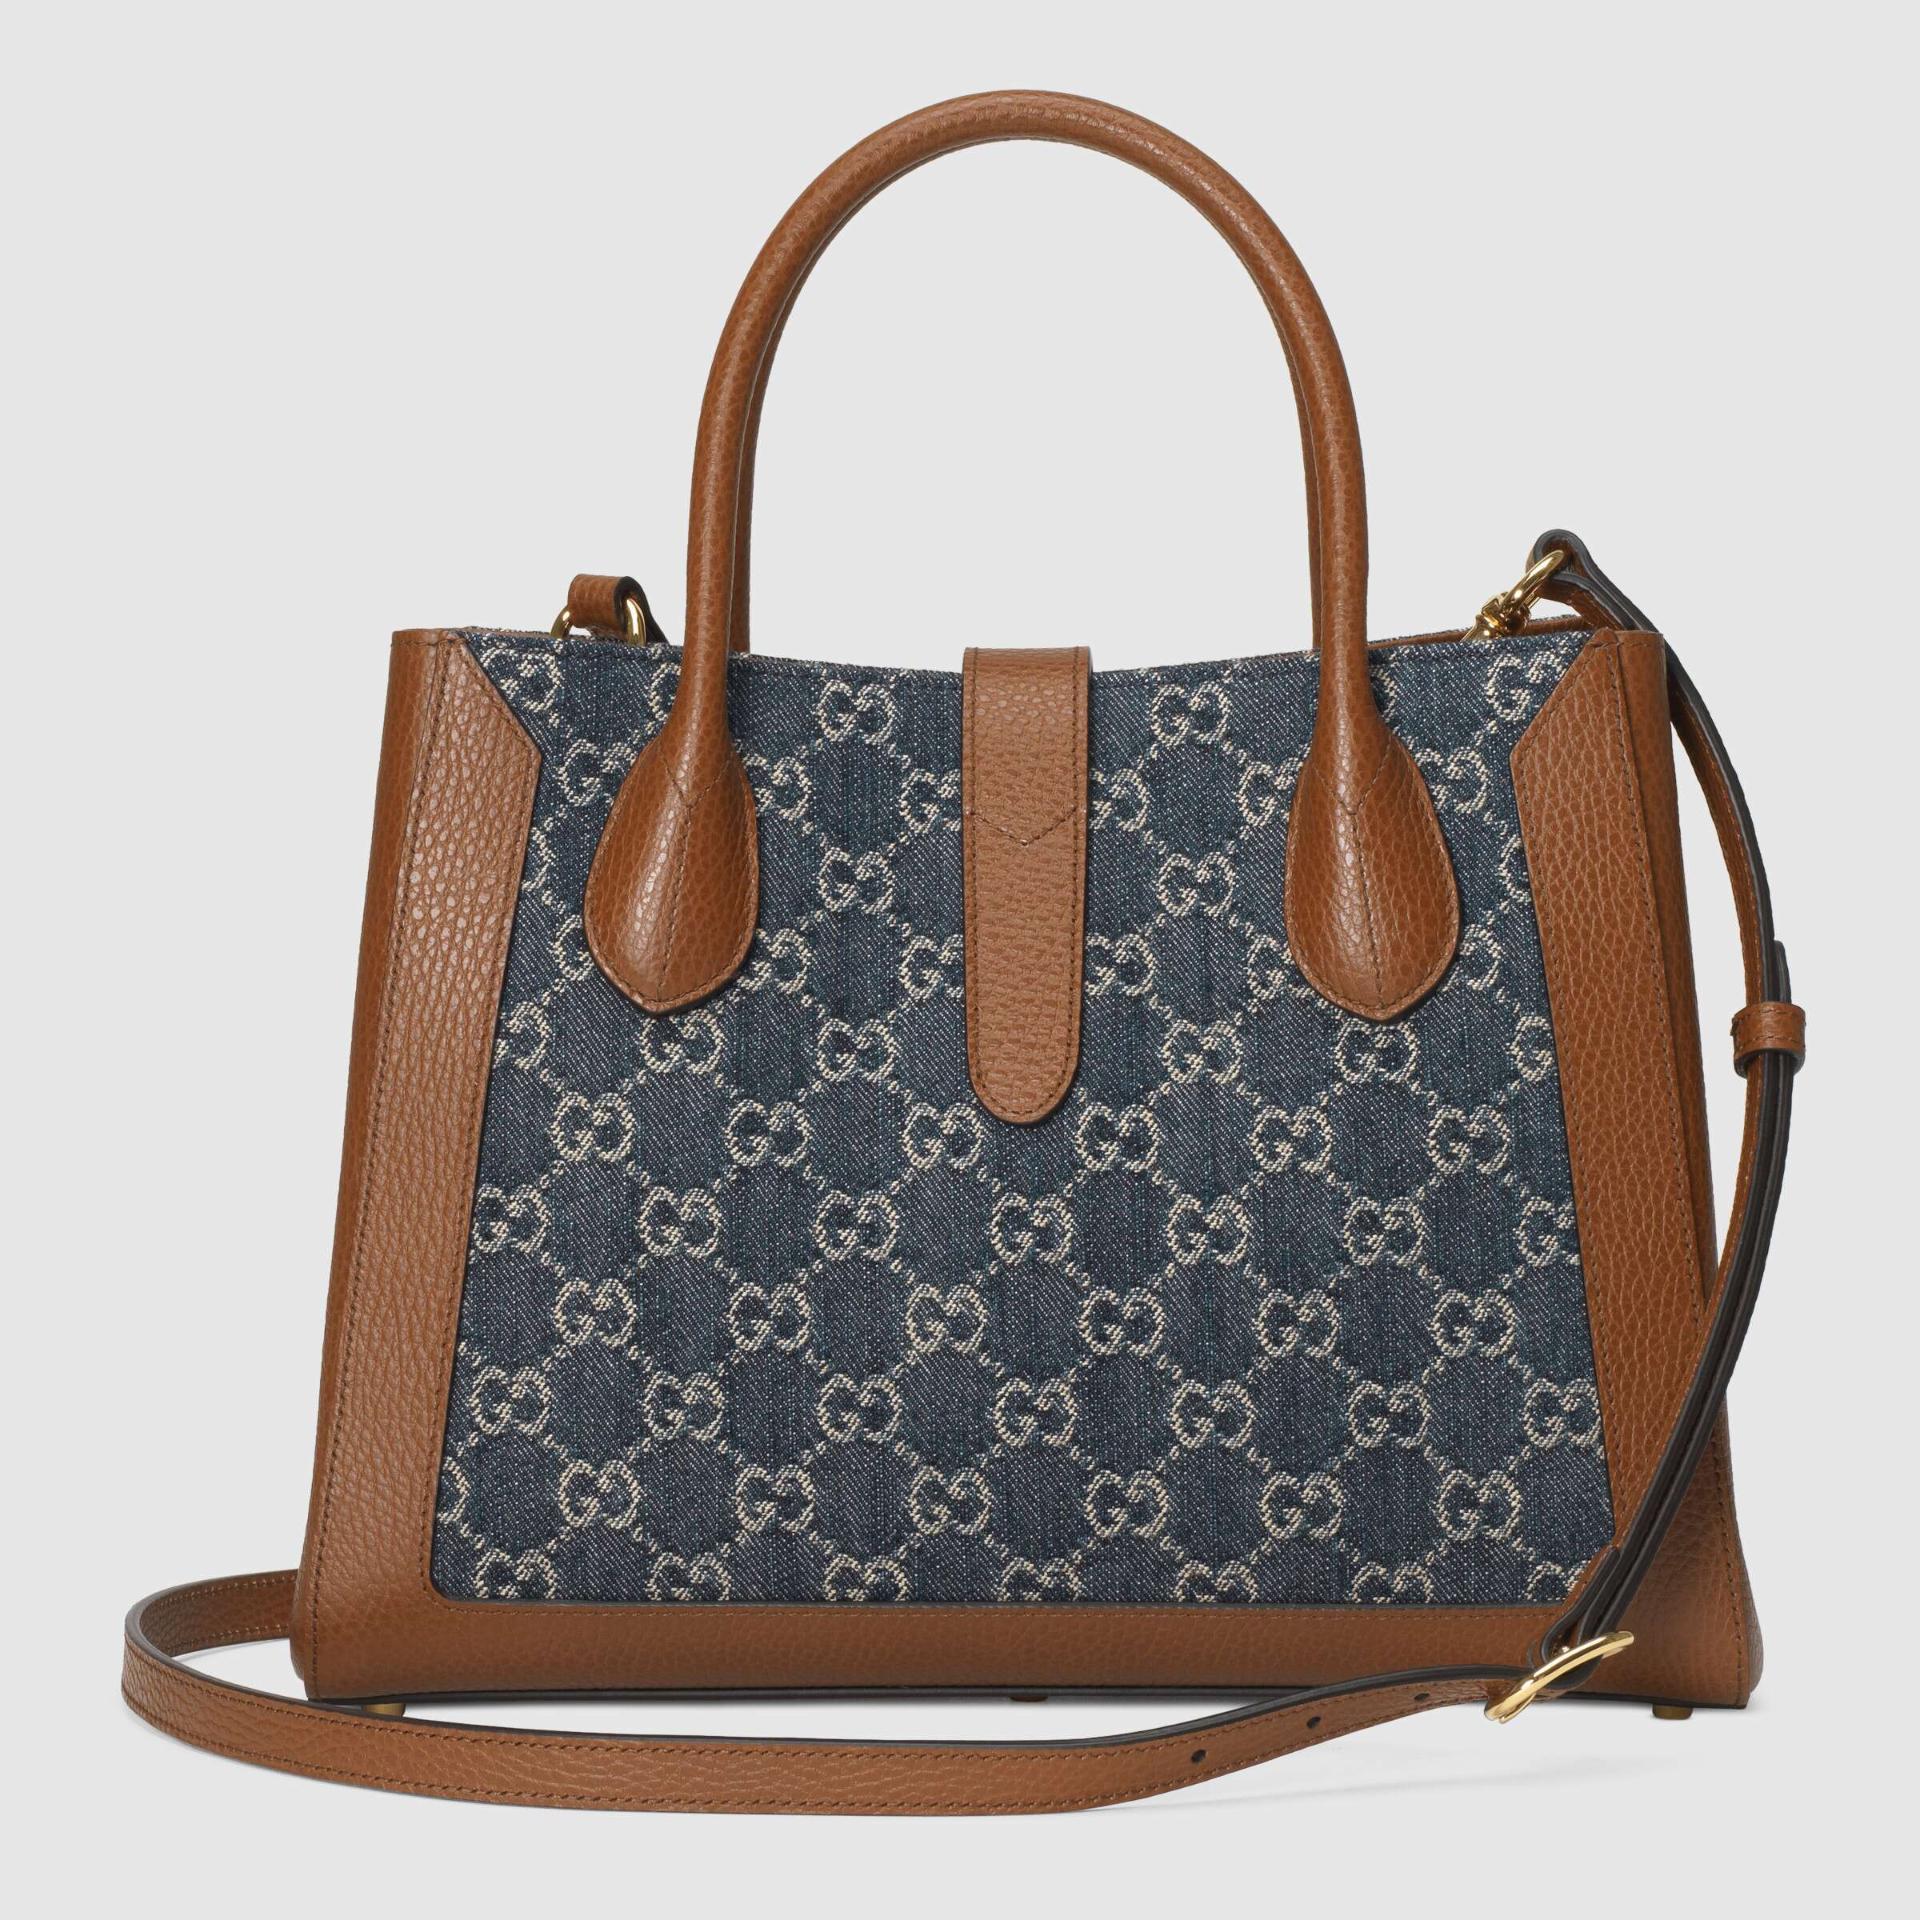 유럽직배송 구찌 GUCCI Gucci Jackie 1961 medium tote bag 6490162KQGG8375